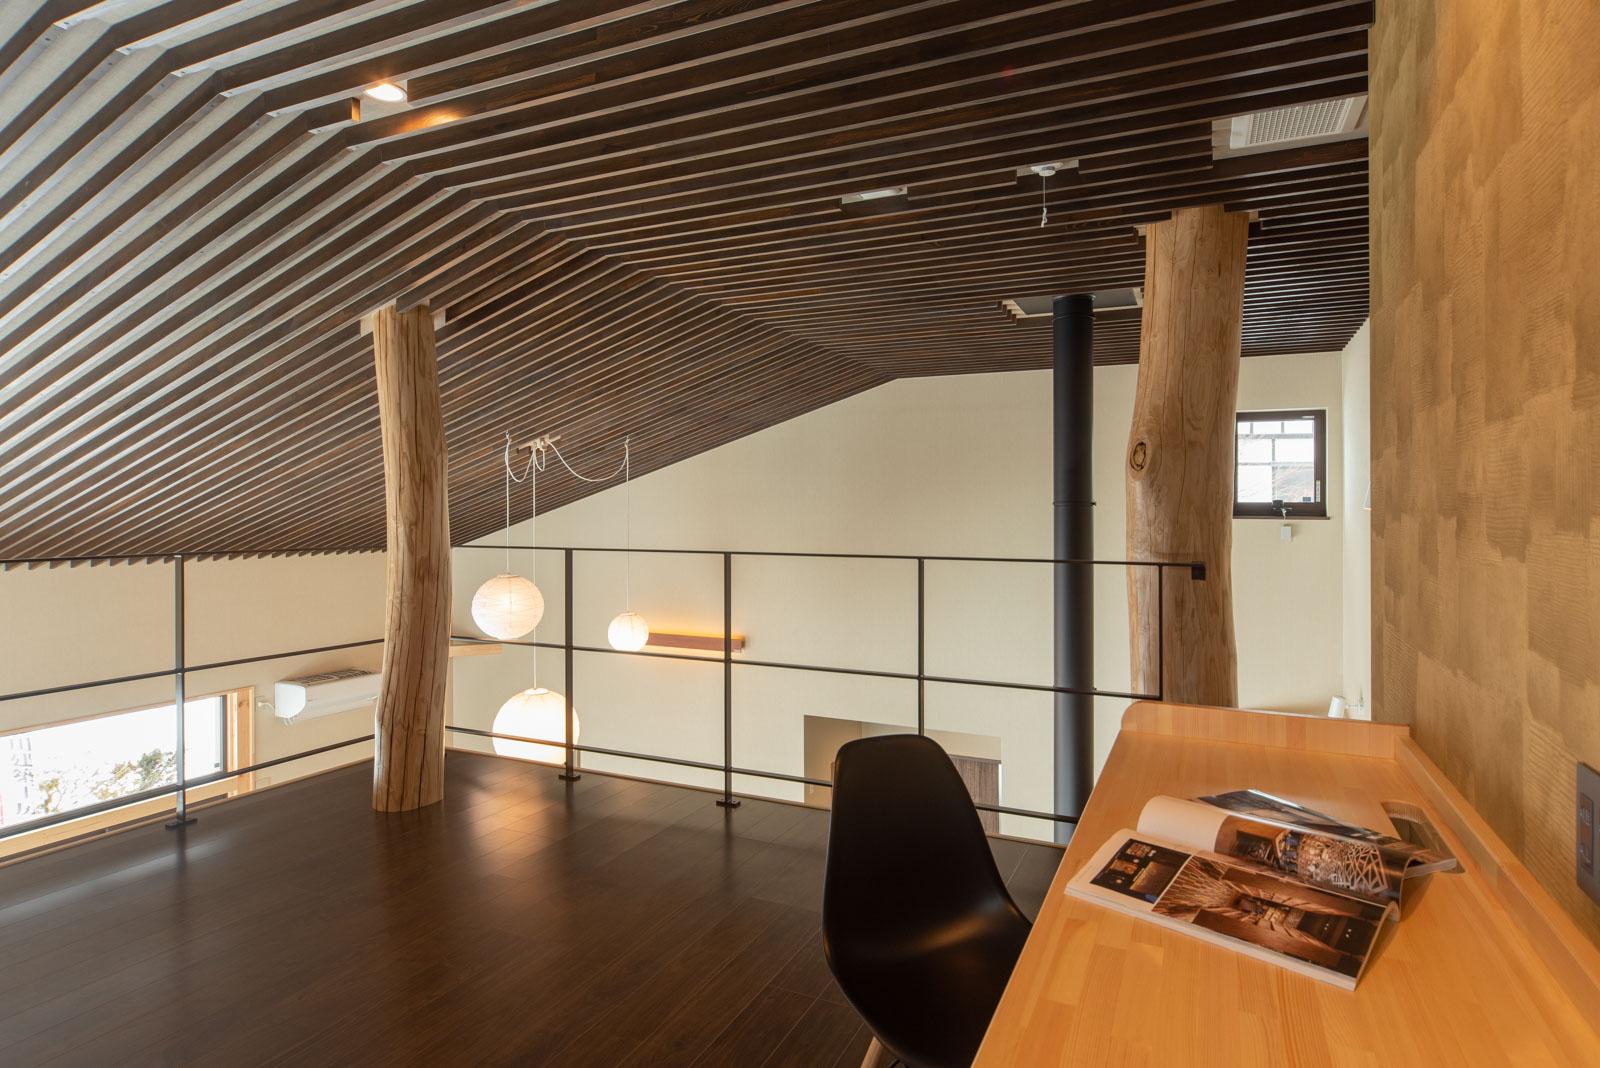 2階は開放感を重視して壁はつくらず、手すりも極力シンプルなデザインに